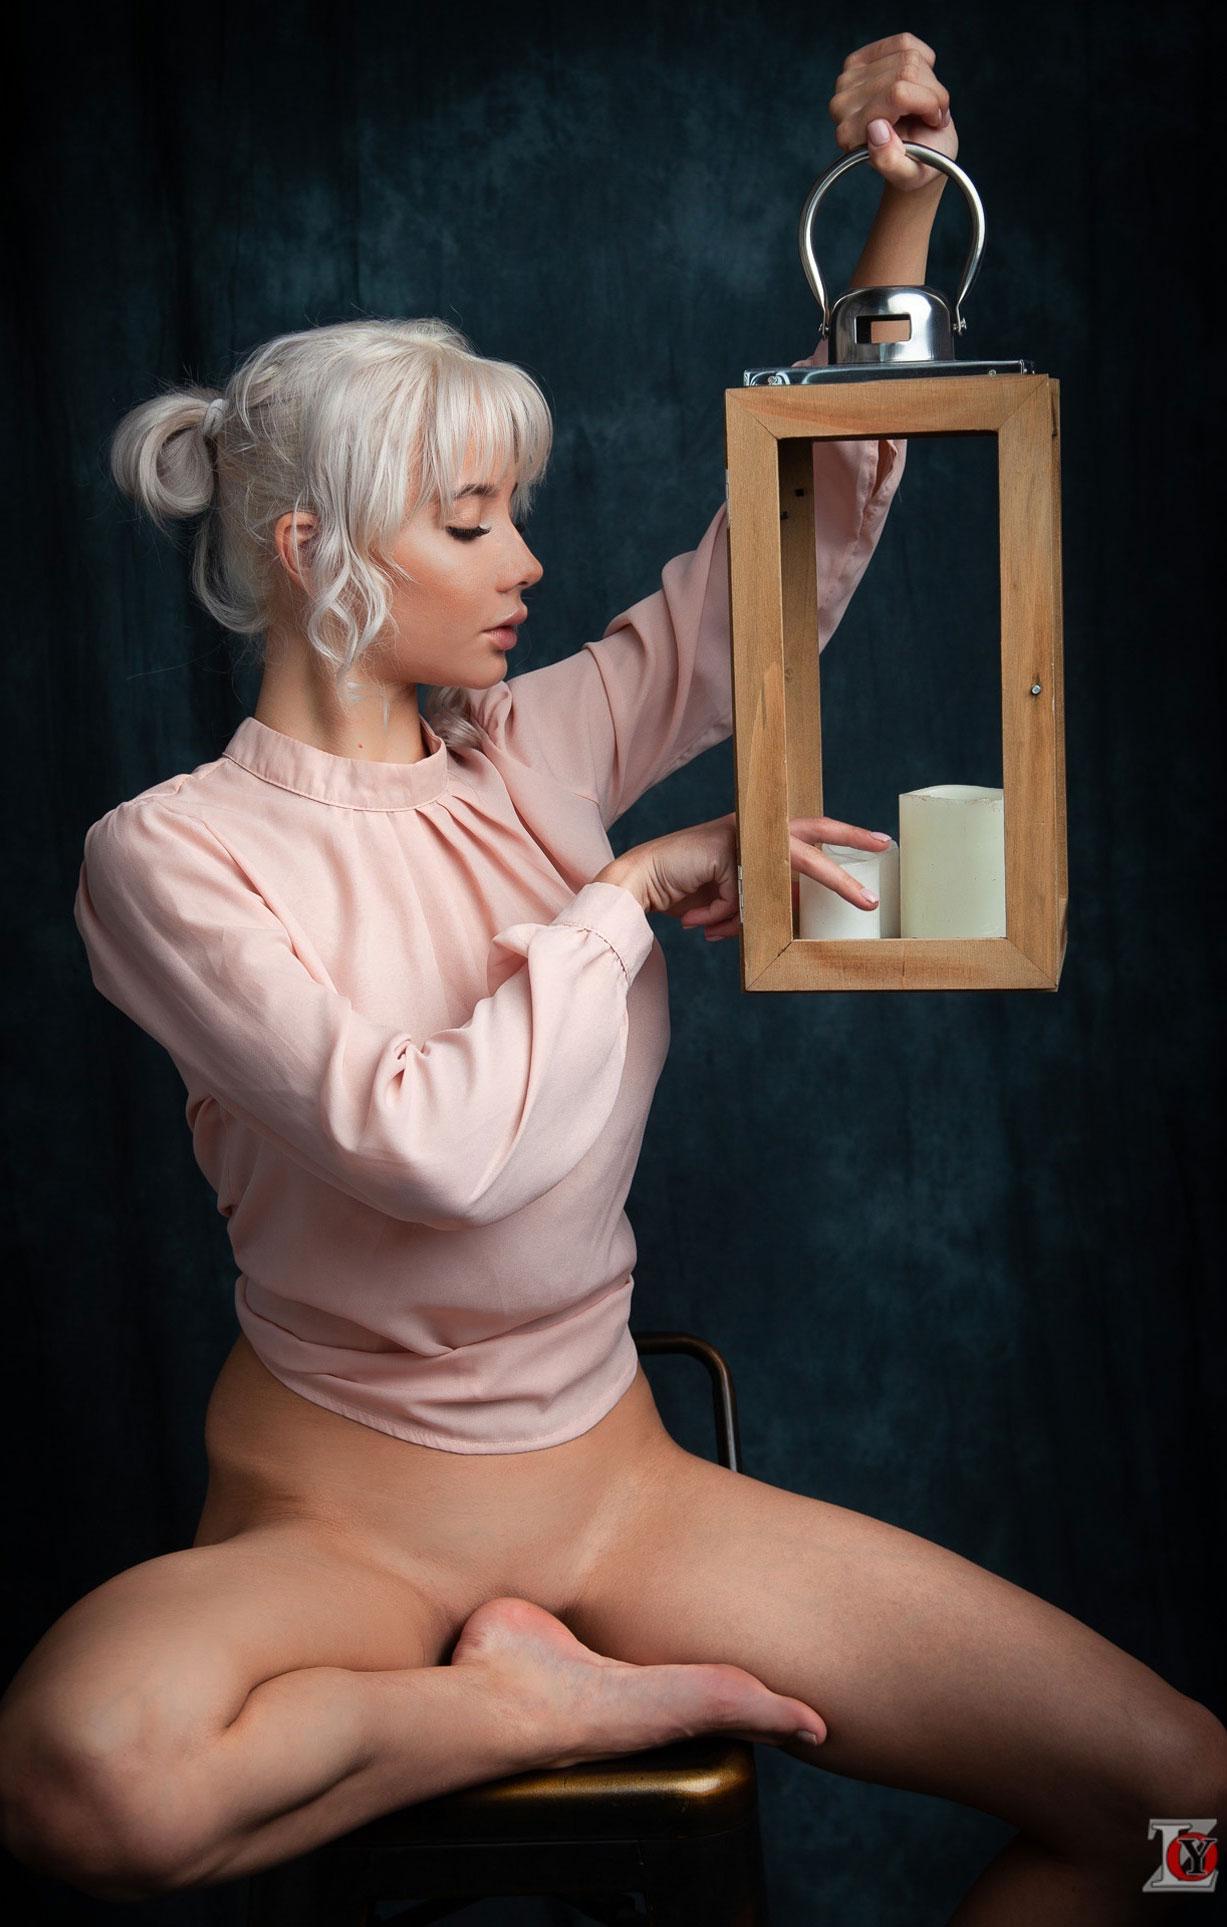 Екатерина Ширяева, портрет / фото 06